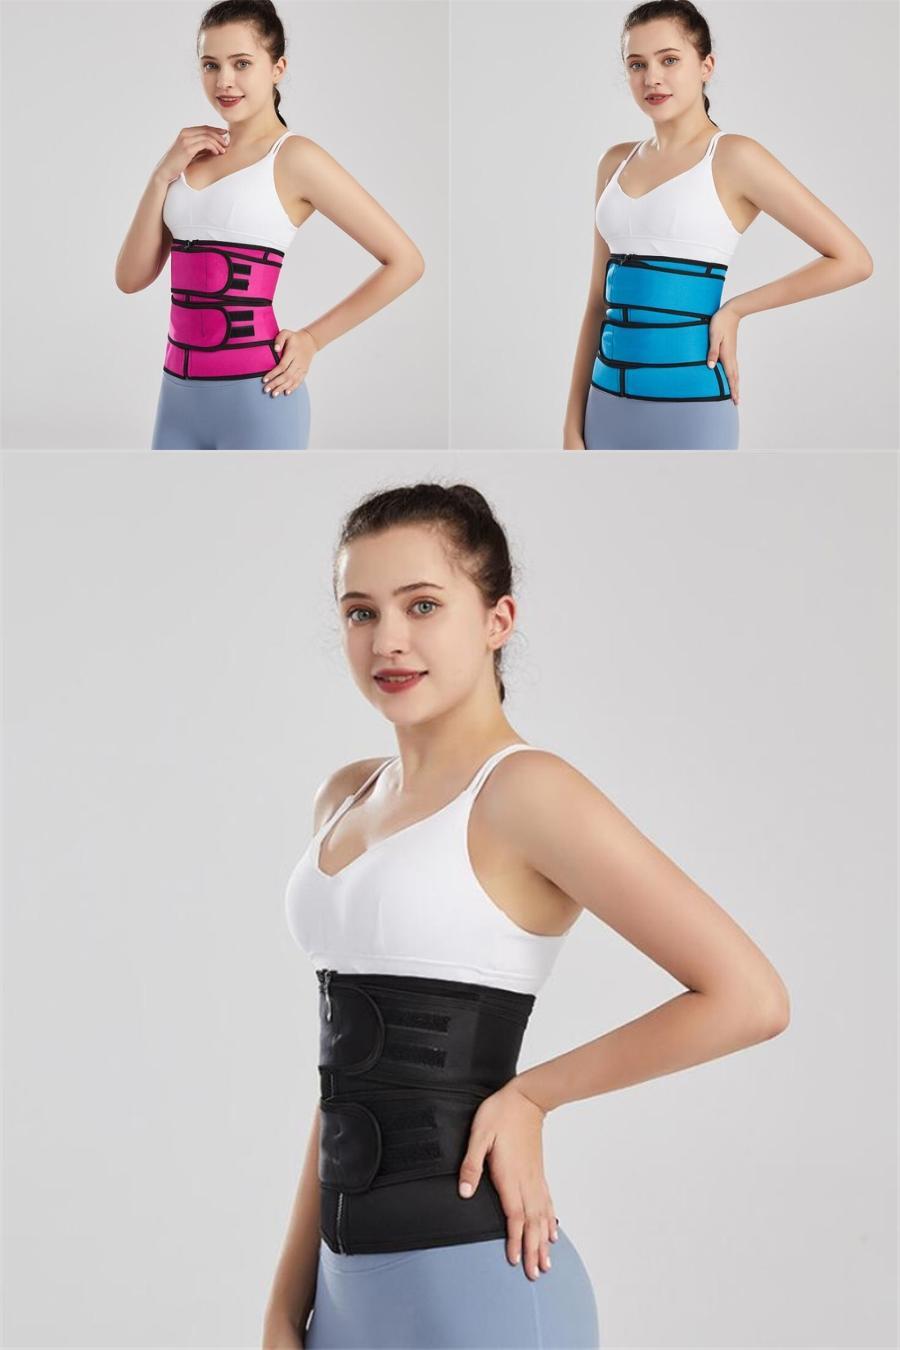 Stile del palazzo di dimagramento sexy della vita Shapewear del corsetto di Girly gotica più il corsetto di Steampunk Lenceria sexy Body Shaper merletto di pancia di controllo # 943